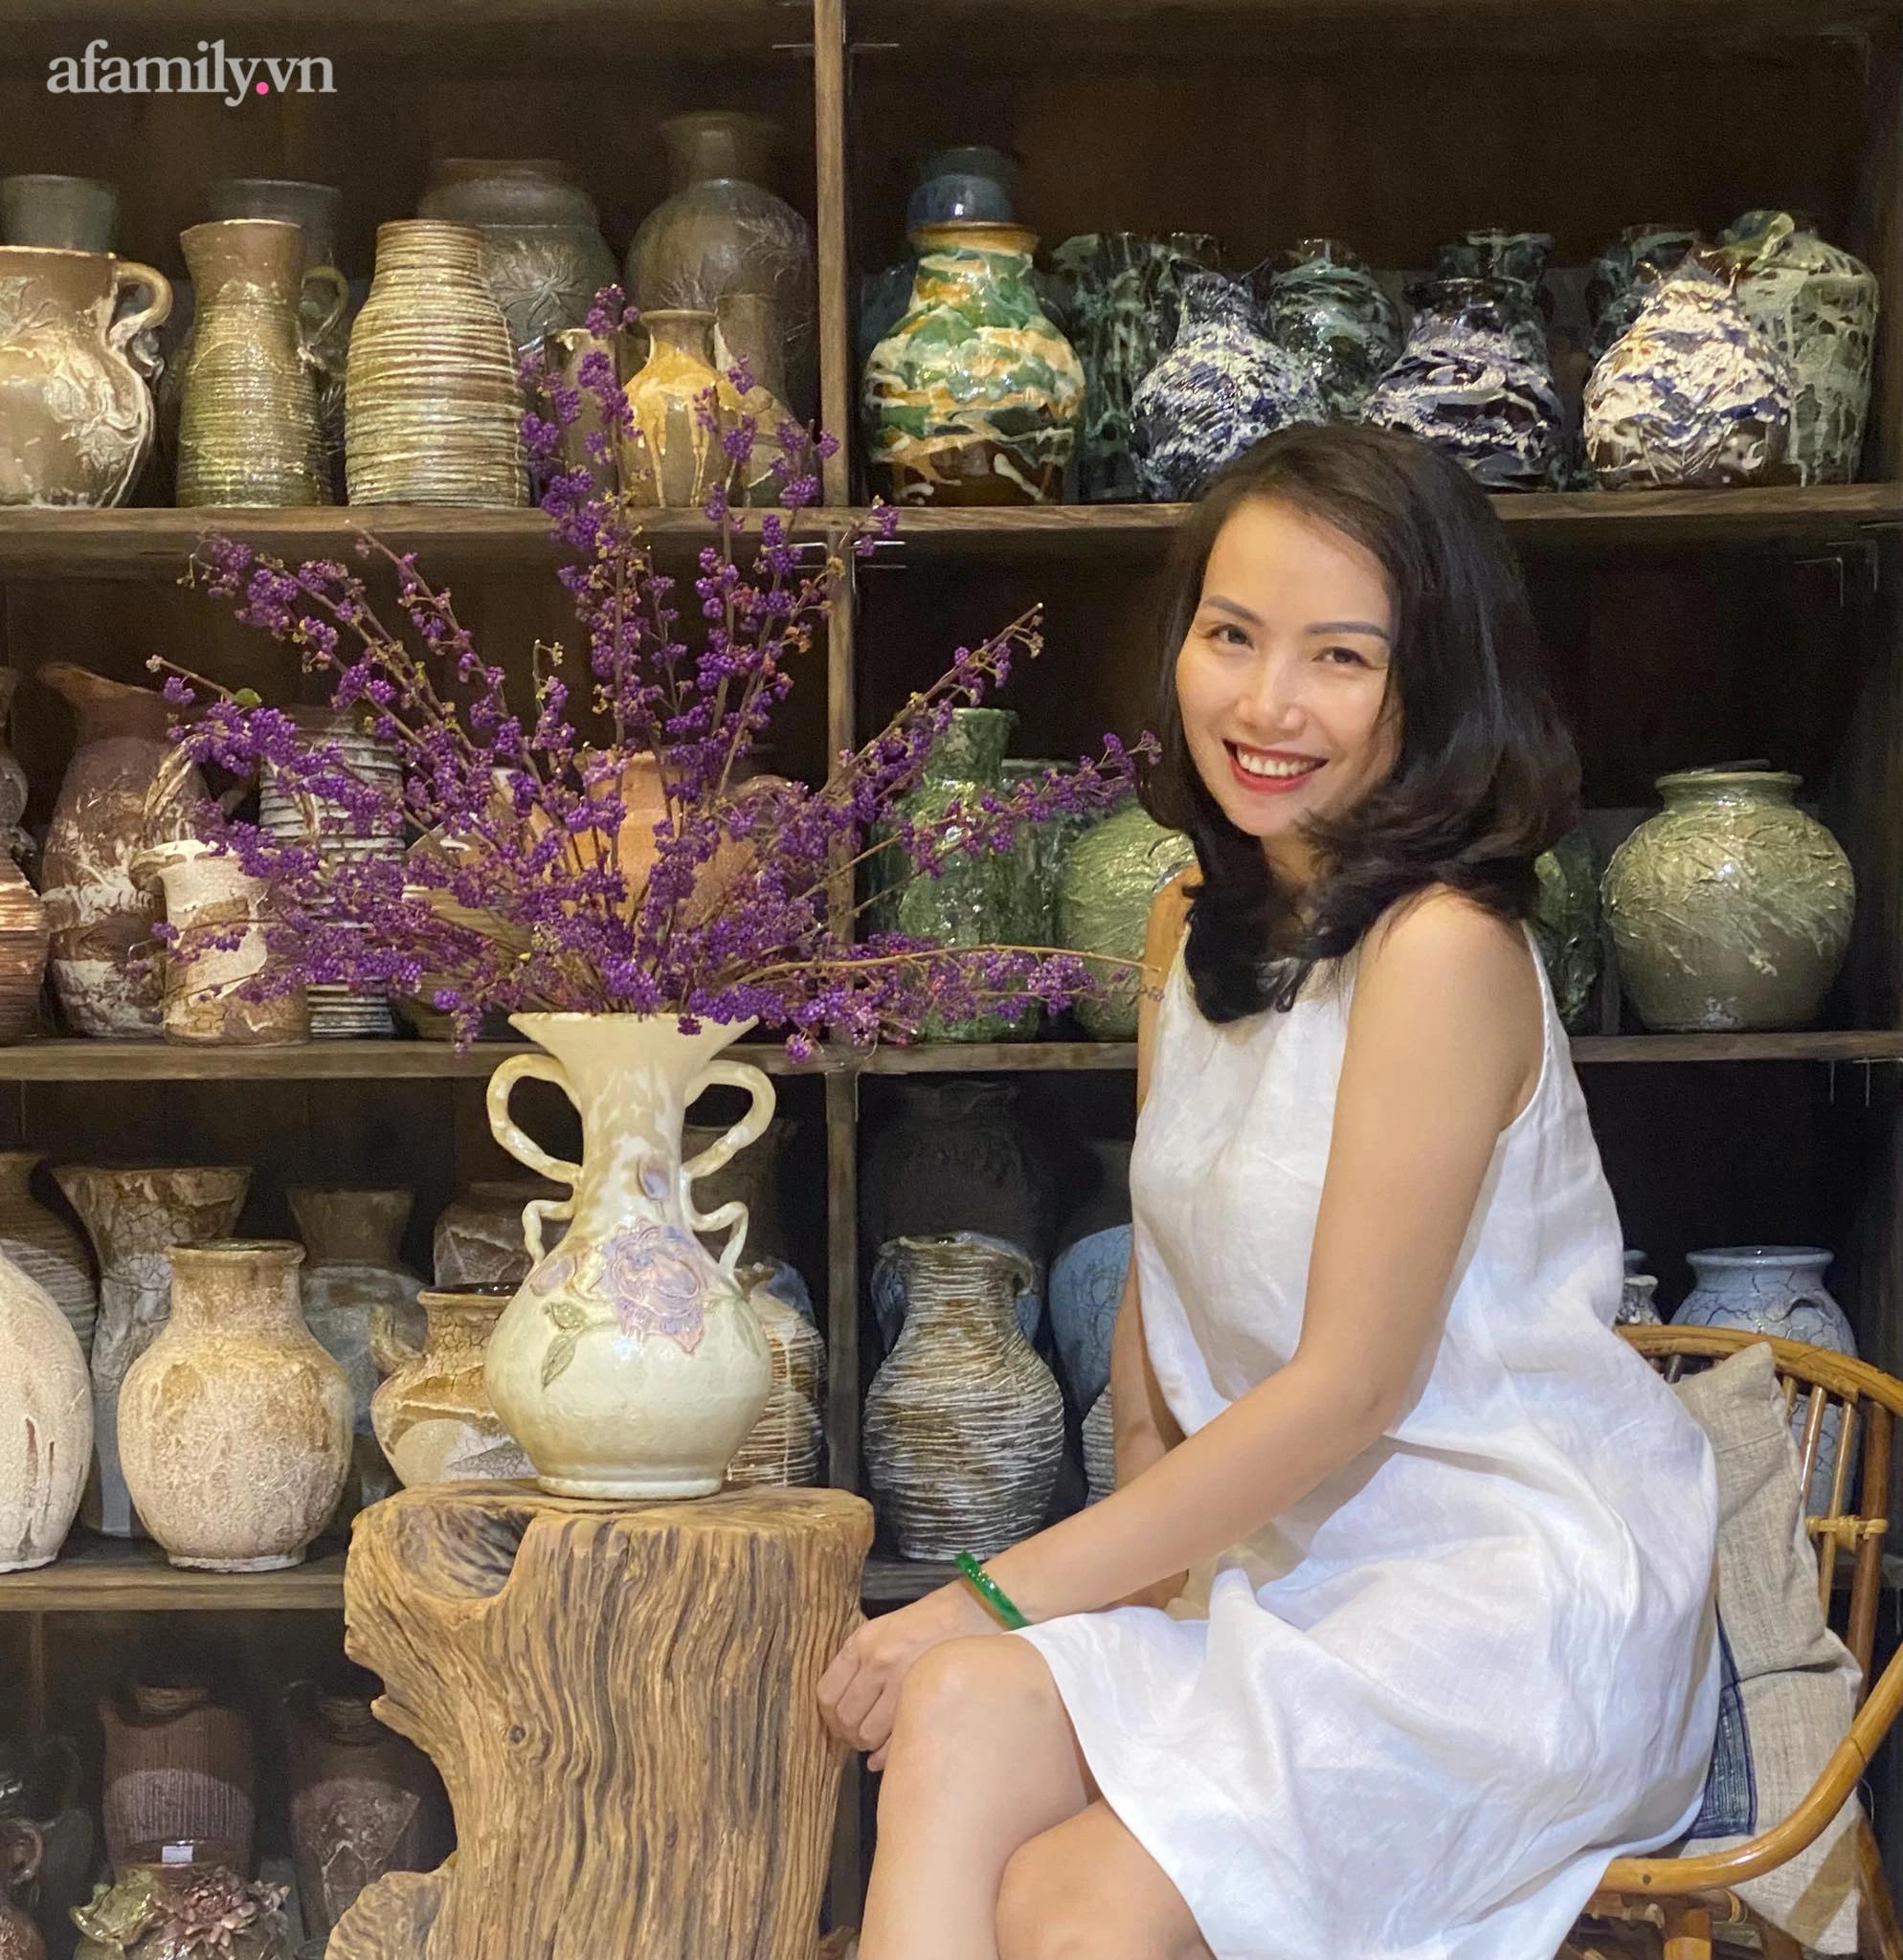 """120.000 đồng/set hoa Tử Châu, chị em nô nức rinh về cắm """"tím sắc nhà"""", đốn tim cư dân mạng khiến ai nấy đều nức nở khen - Ảnh 4."""